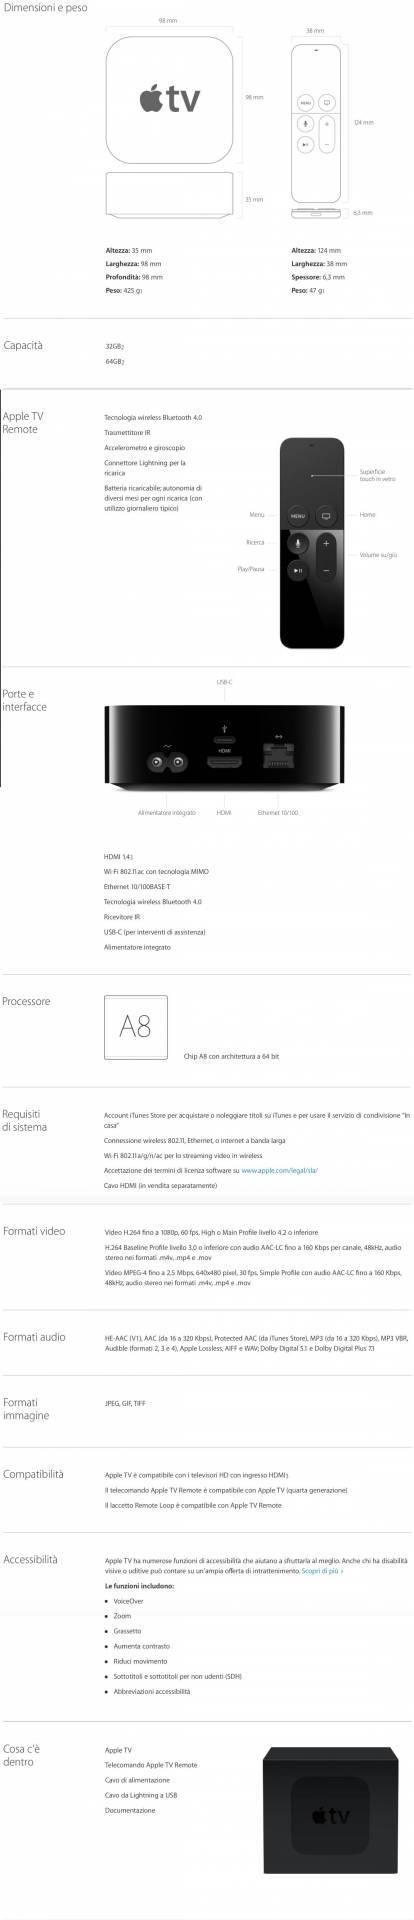 apple tv spec Le 4 caratteristiche della nuova Apple TV racchiuse in un articolo